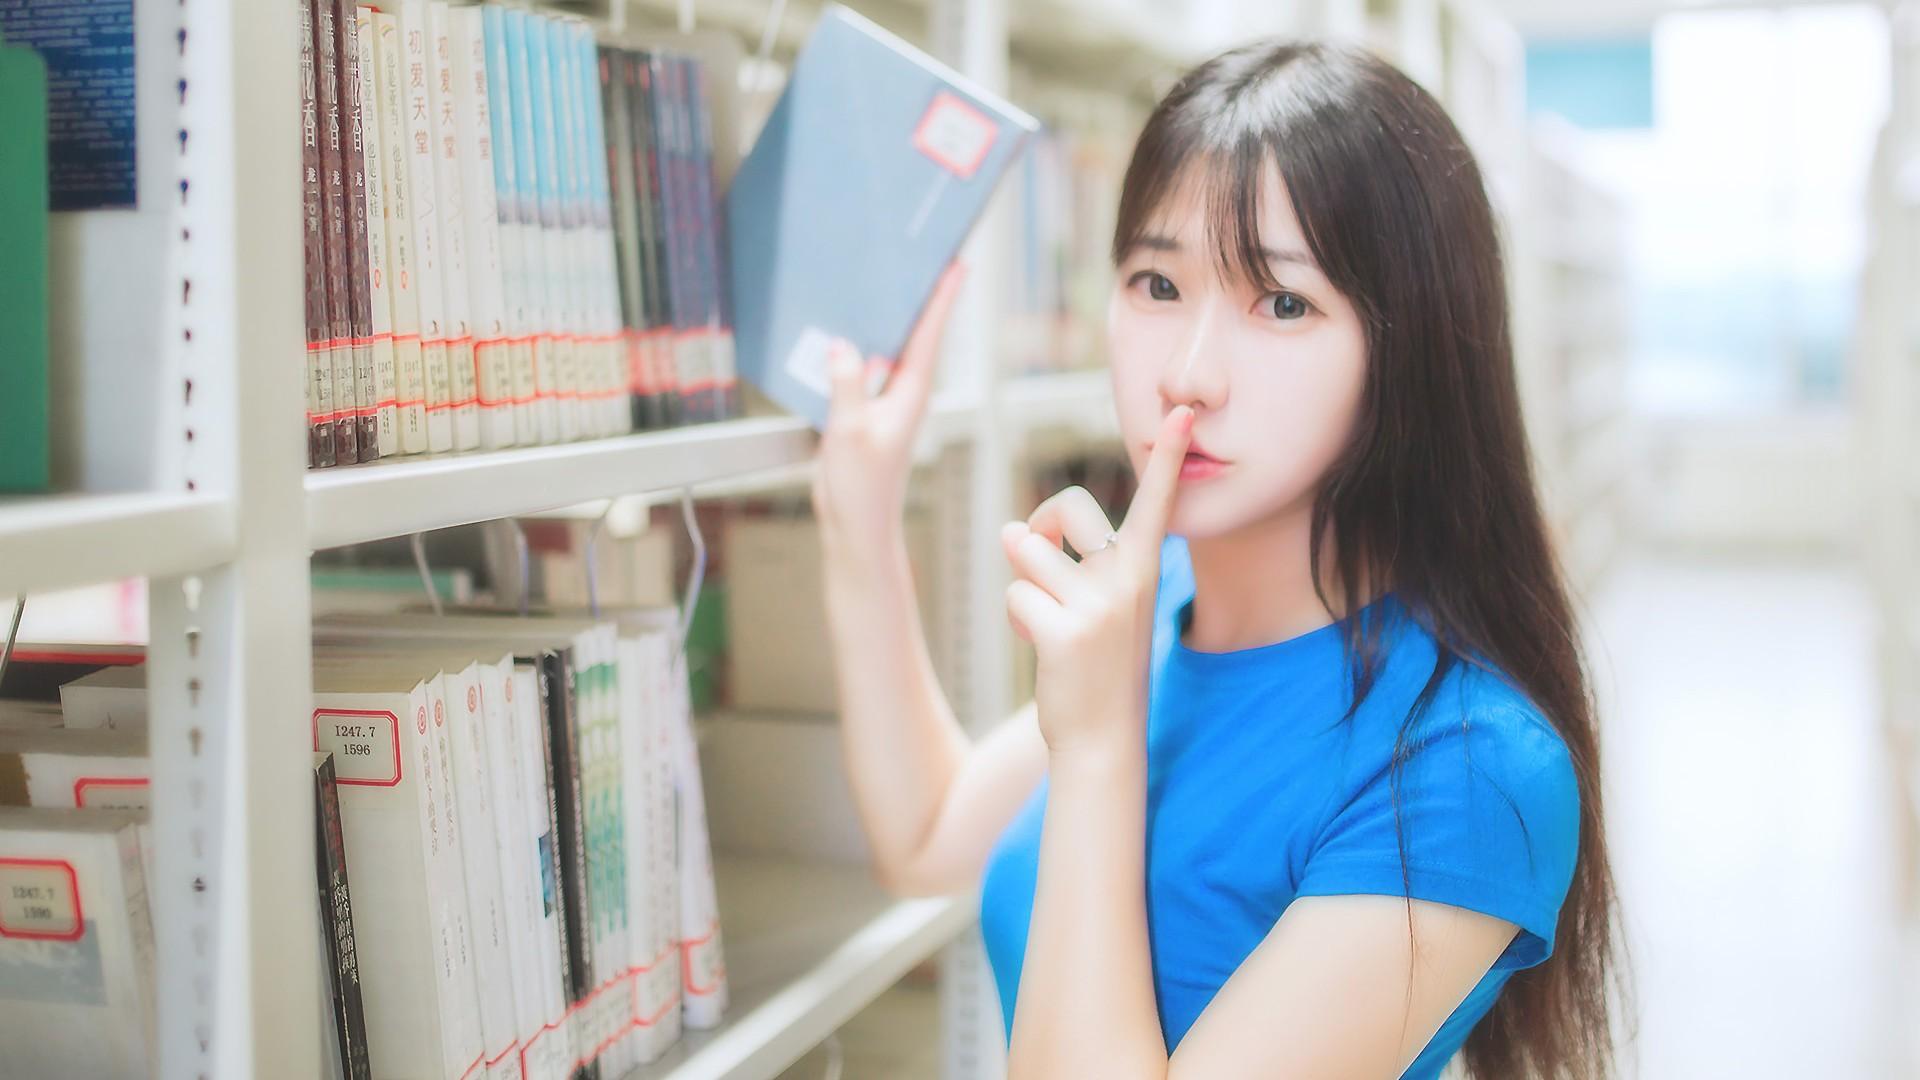 东野子乔全集:单身的原因是因为你还这么聊天